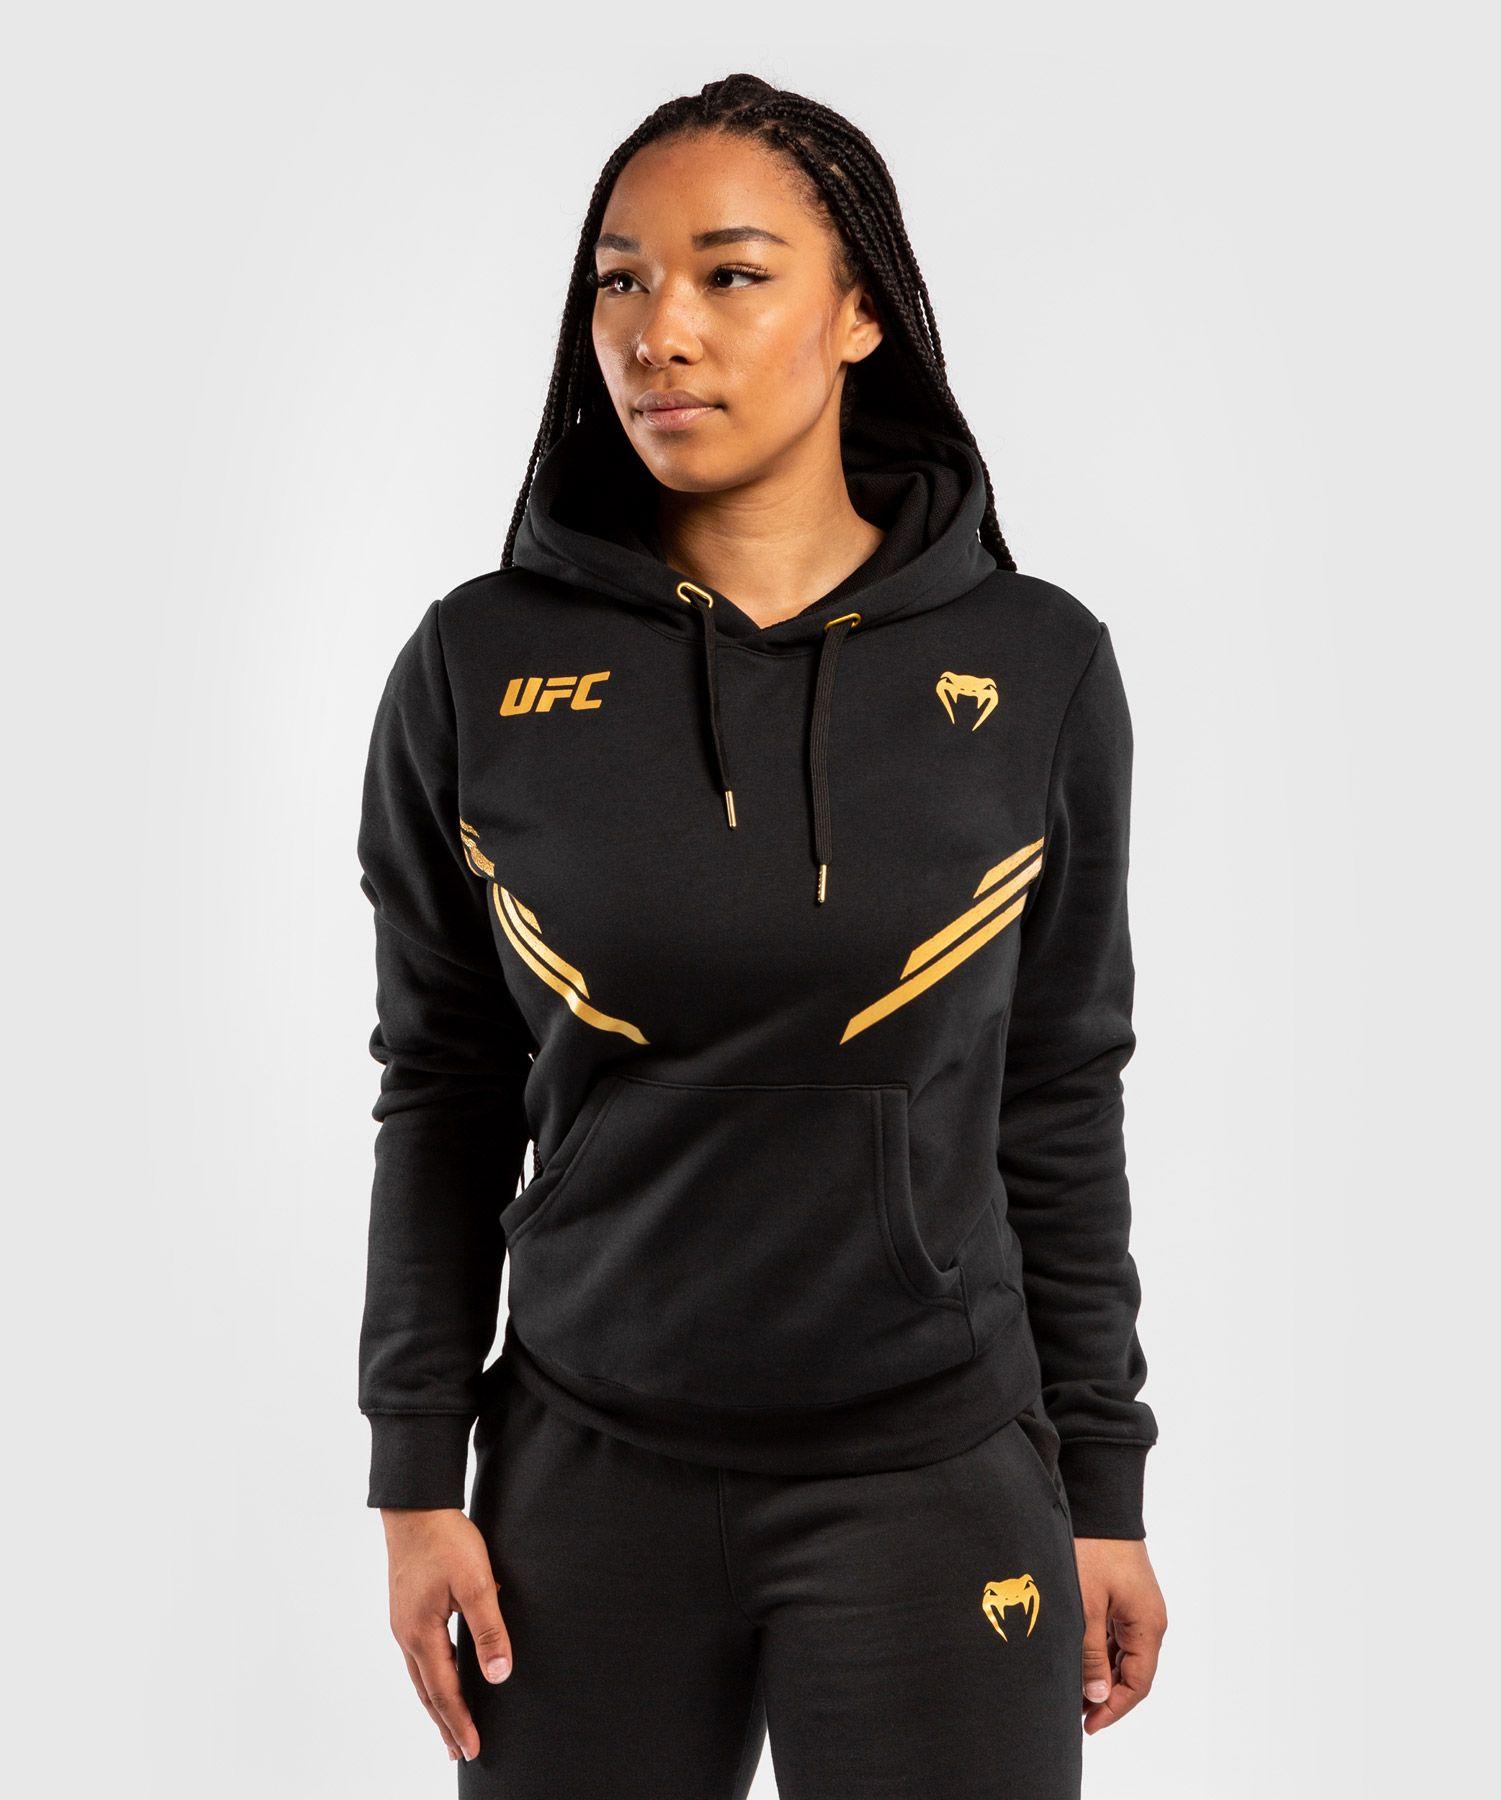 ЖЕНСКАЯ ТОЛСТОВКА UFC VENUM REPLICA - Чемпион